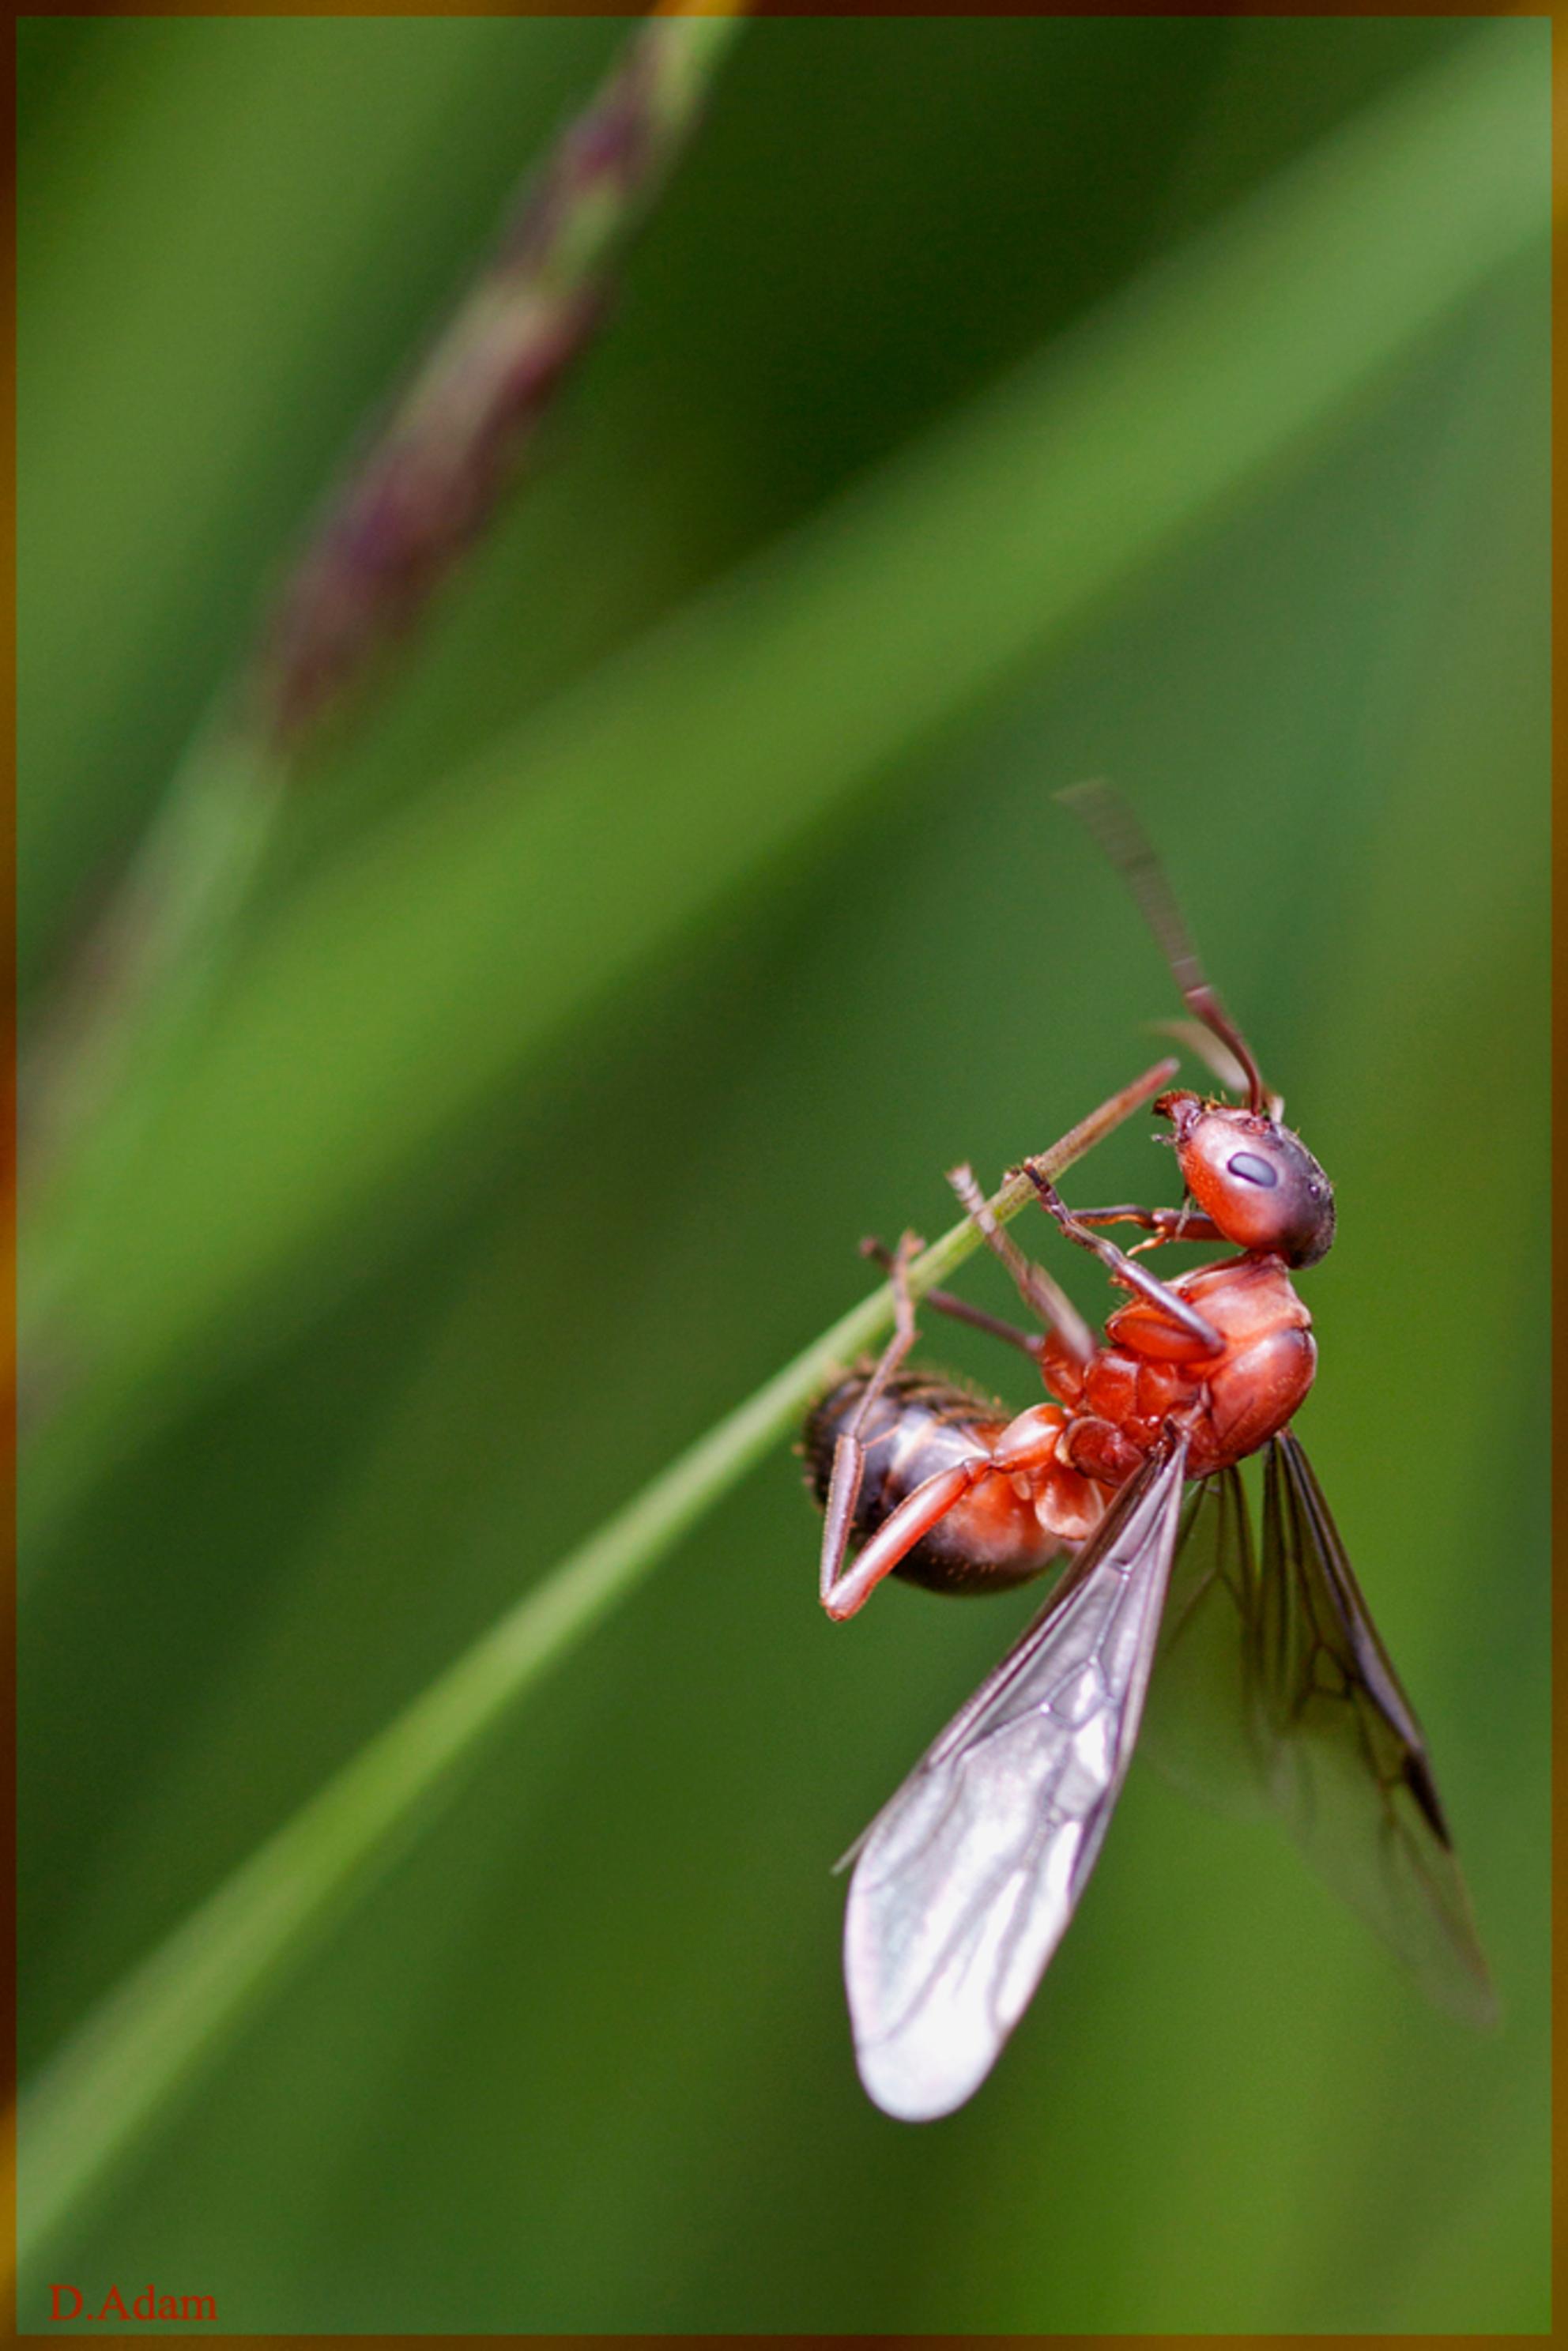 Vliegende mier - Een tijdje terug (juli om precies te zijn) ben ik nog met Gea en Frans een dagje naar de Engbertsdijksvenen geweest, lekker wandelen en fotograferen. - foto door deez66 op 31-08-2012 - deze foto bevat: macro, mier, bosmier, Rode mier, deez66, vliegende mier - Deze foto mag gebruikt worden in een Zoom.nl publicatie